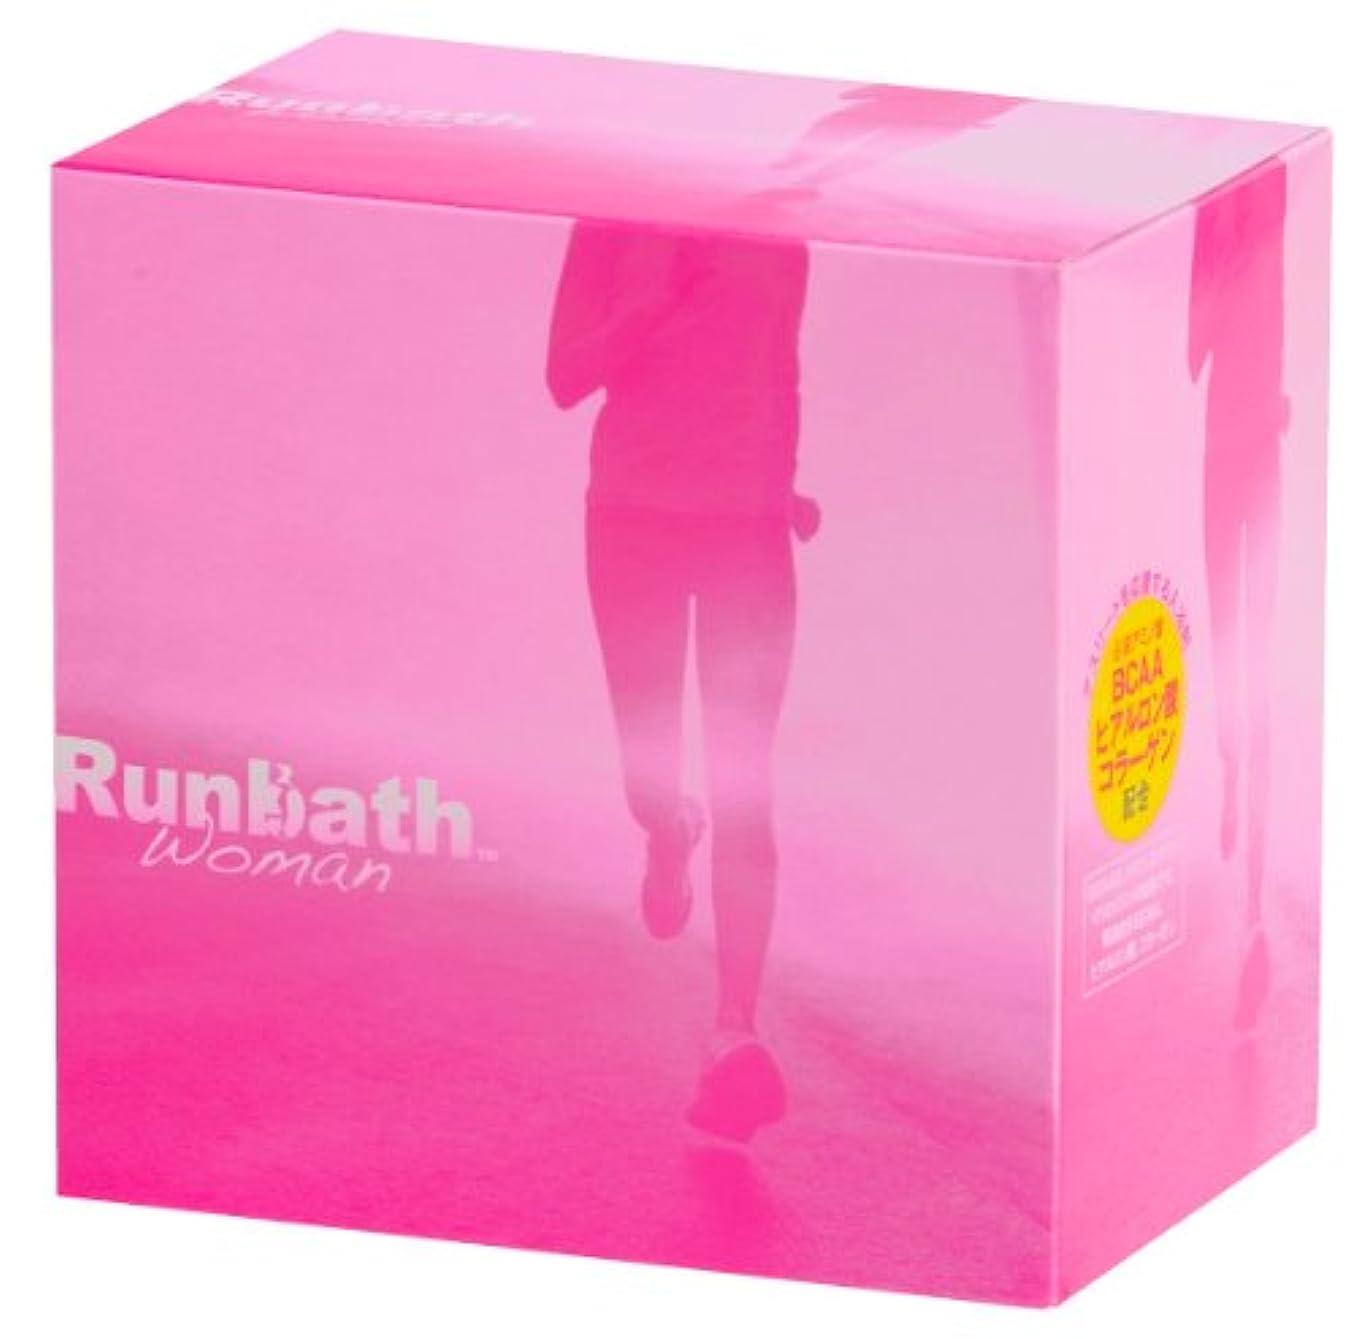 消化くしゃみ獲物Runbath Woman ランバスウーマン